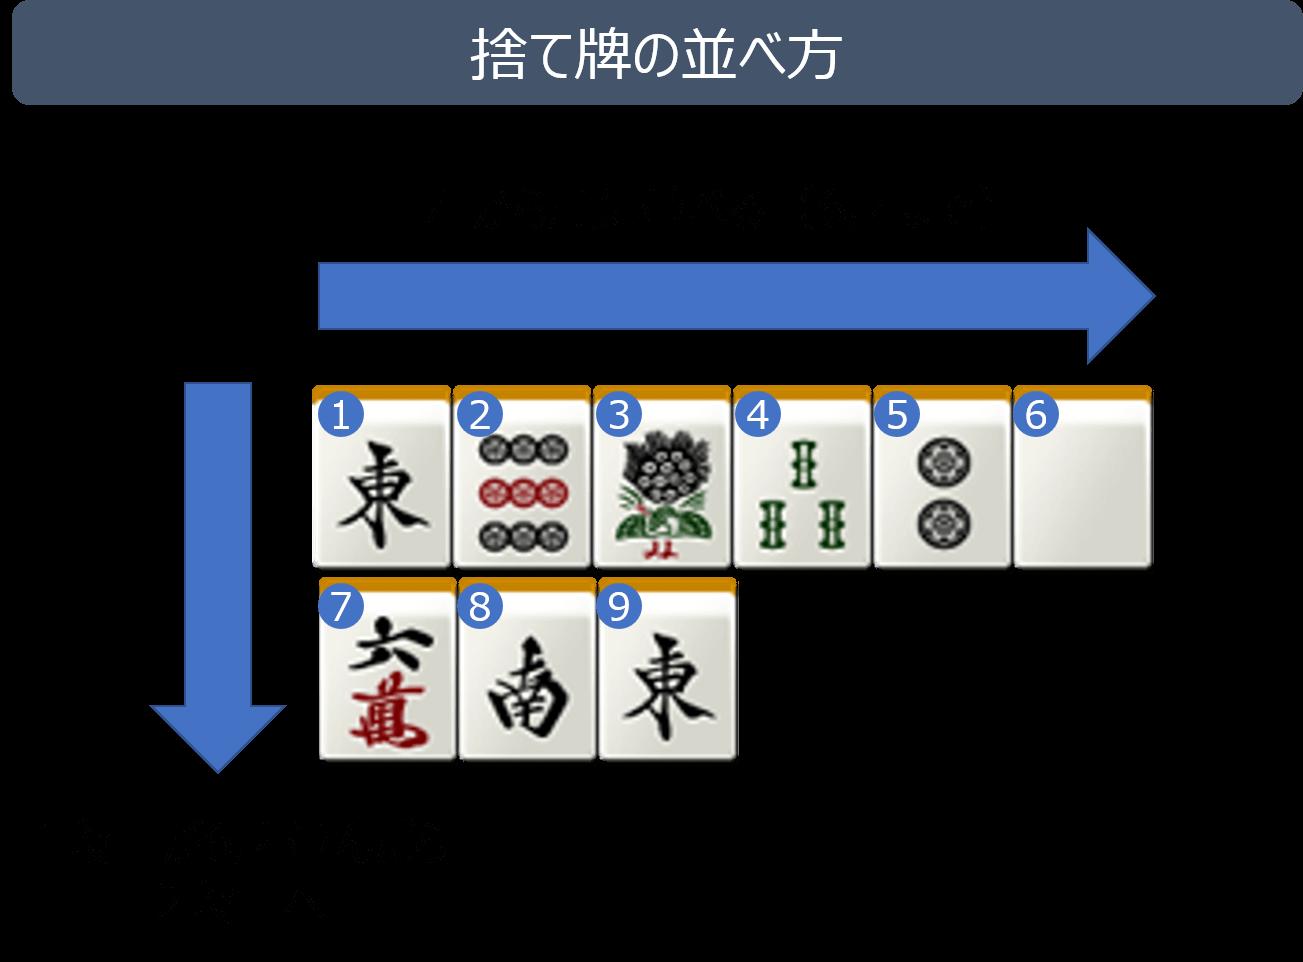 捨て牌の並べ方